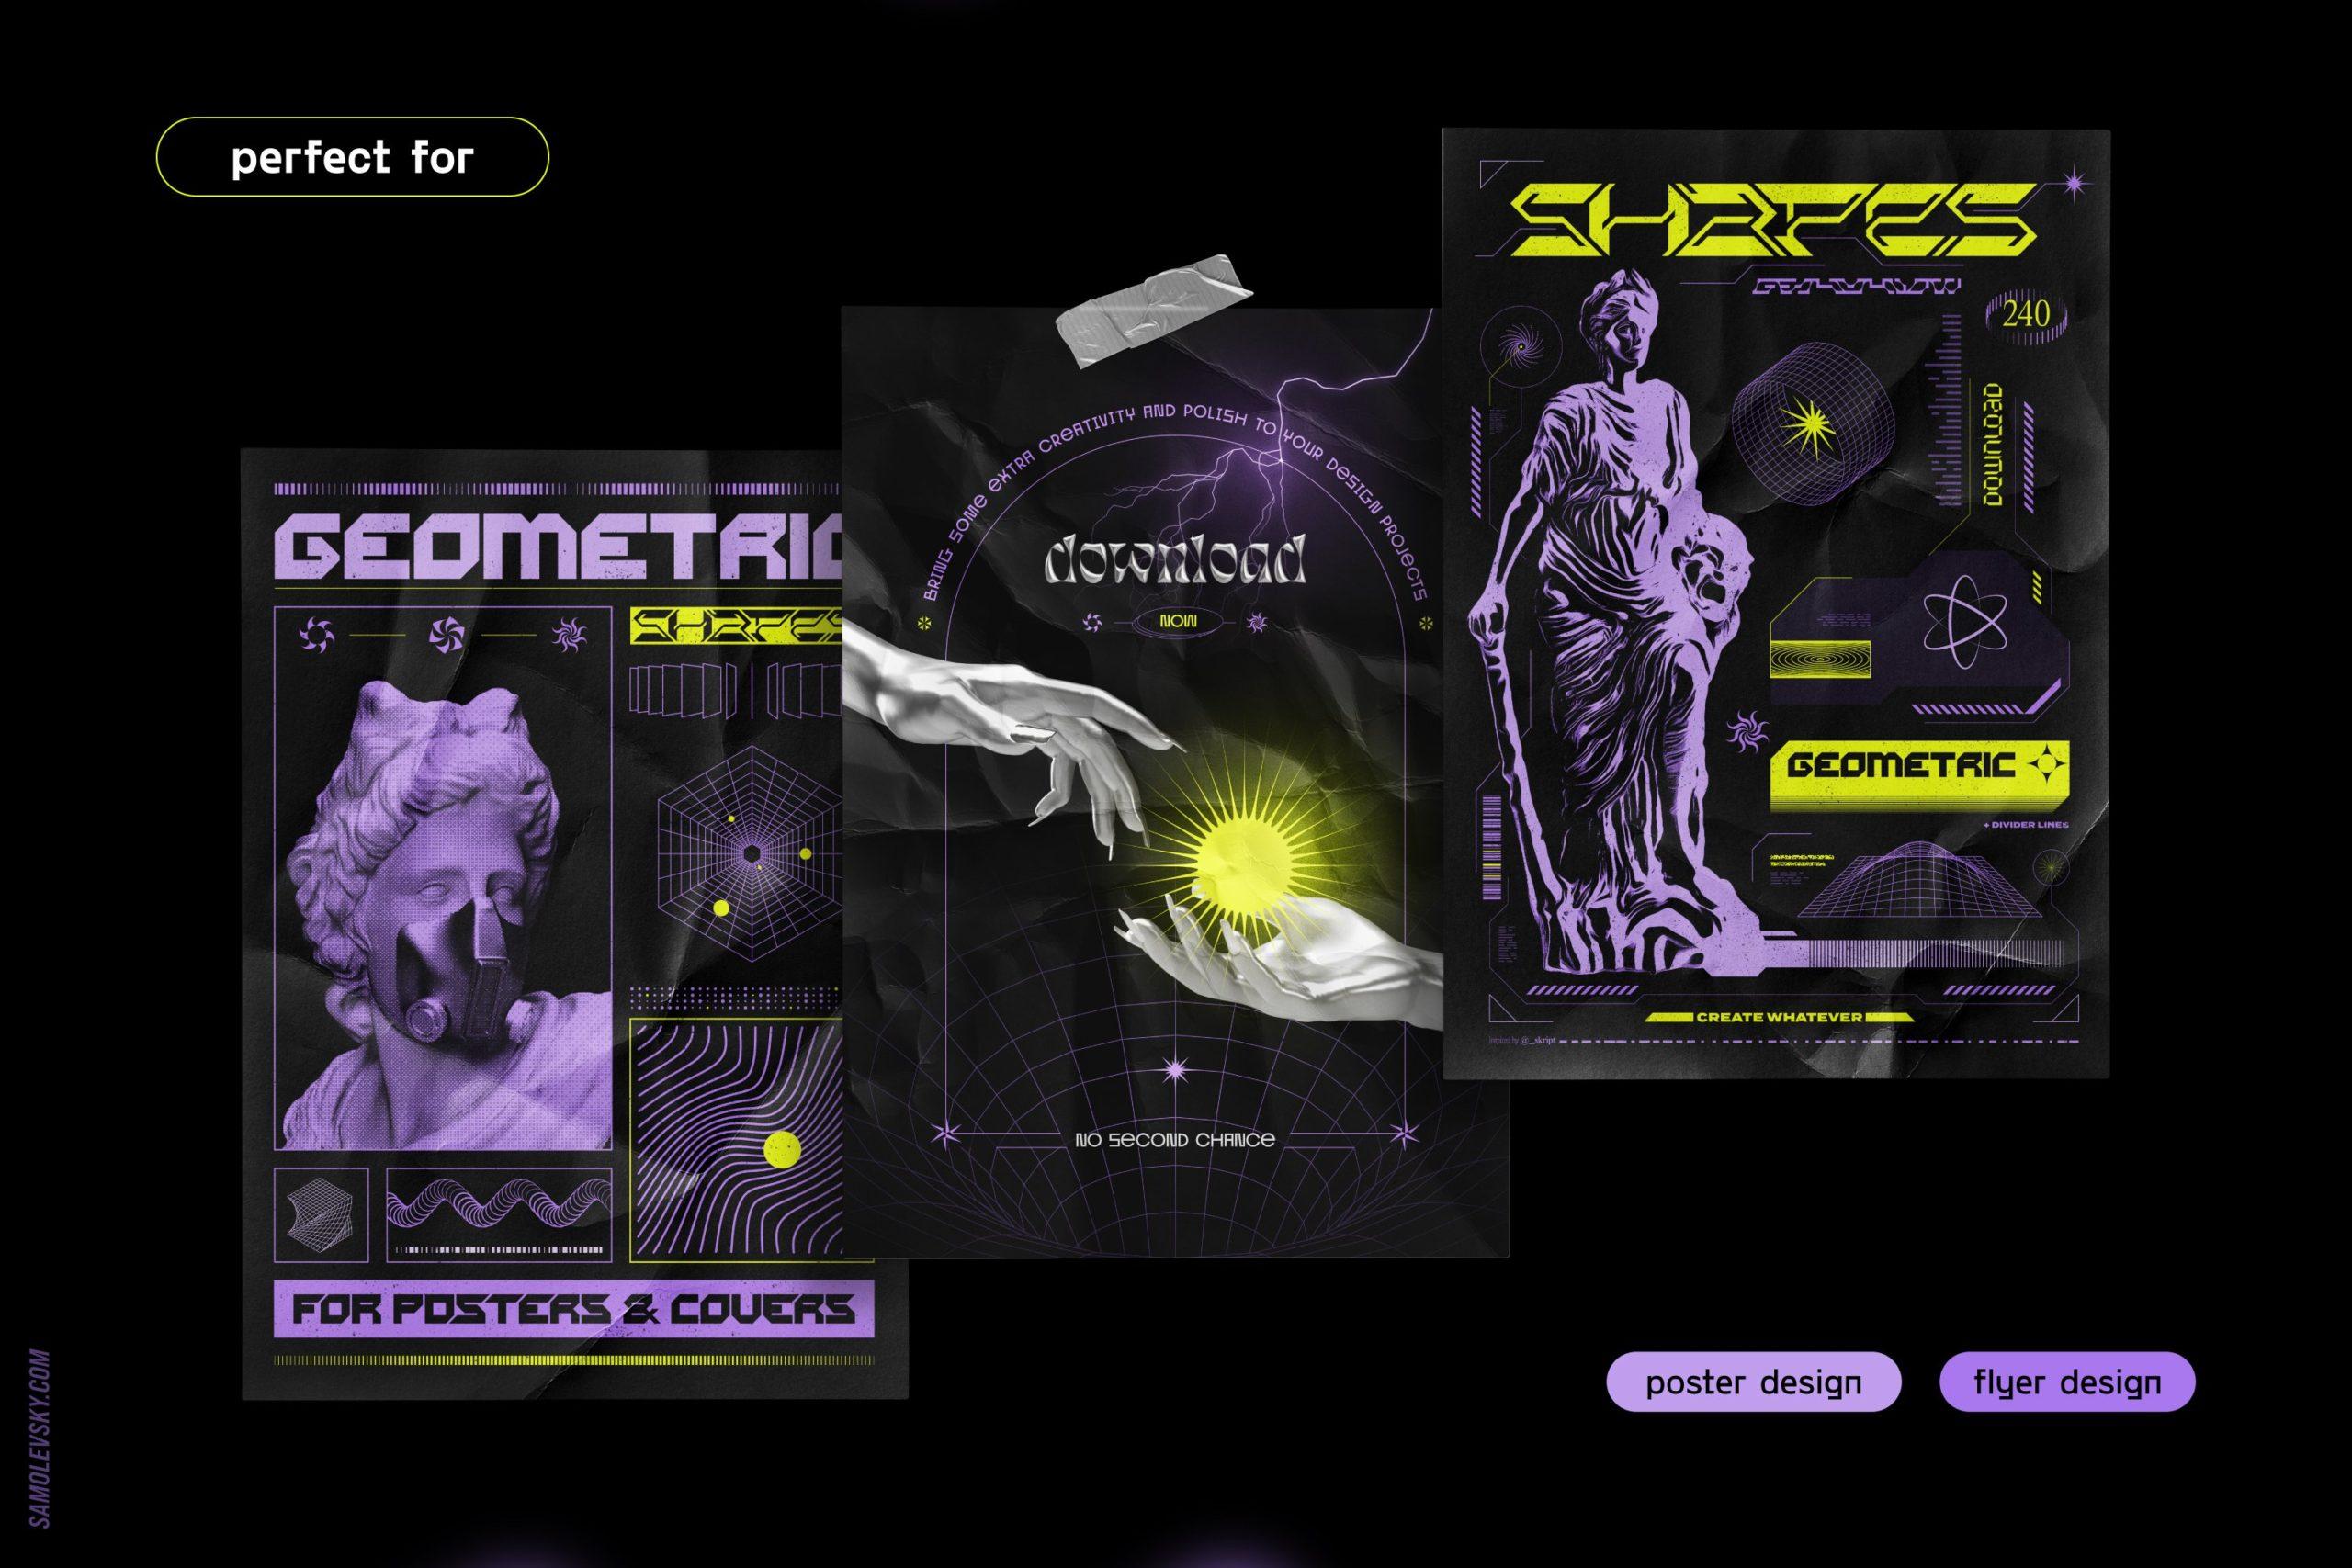 [淘宝购买] 时尚潮流抽象扭曲多边形几何海报设计矢量设计素材 Geometric Shapes For Poster Design插图2